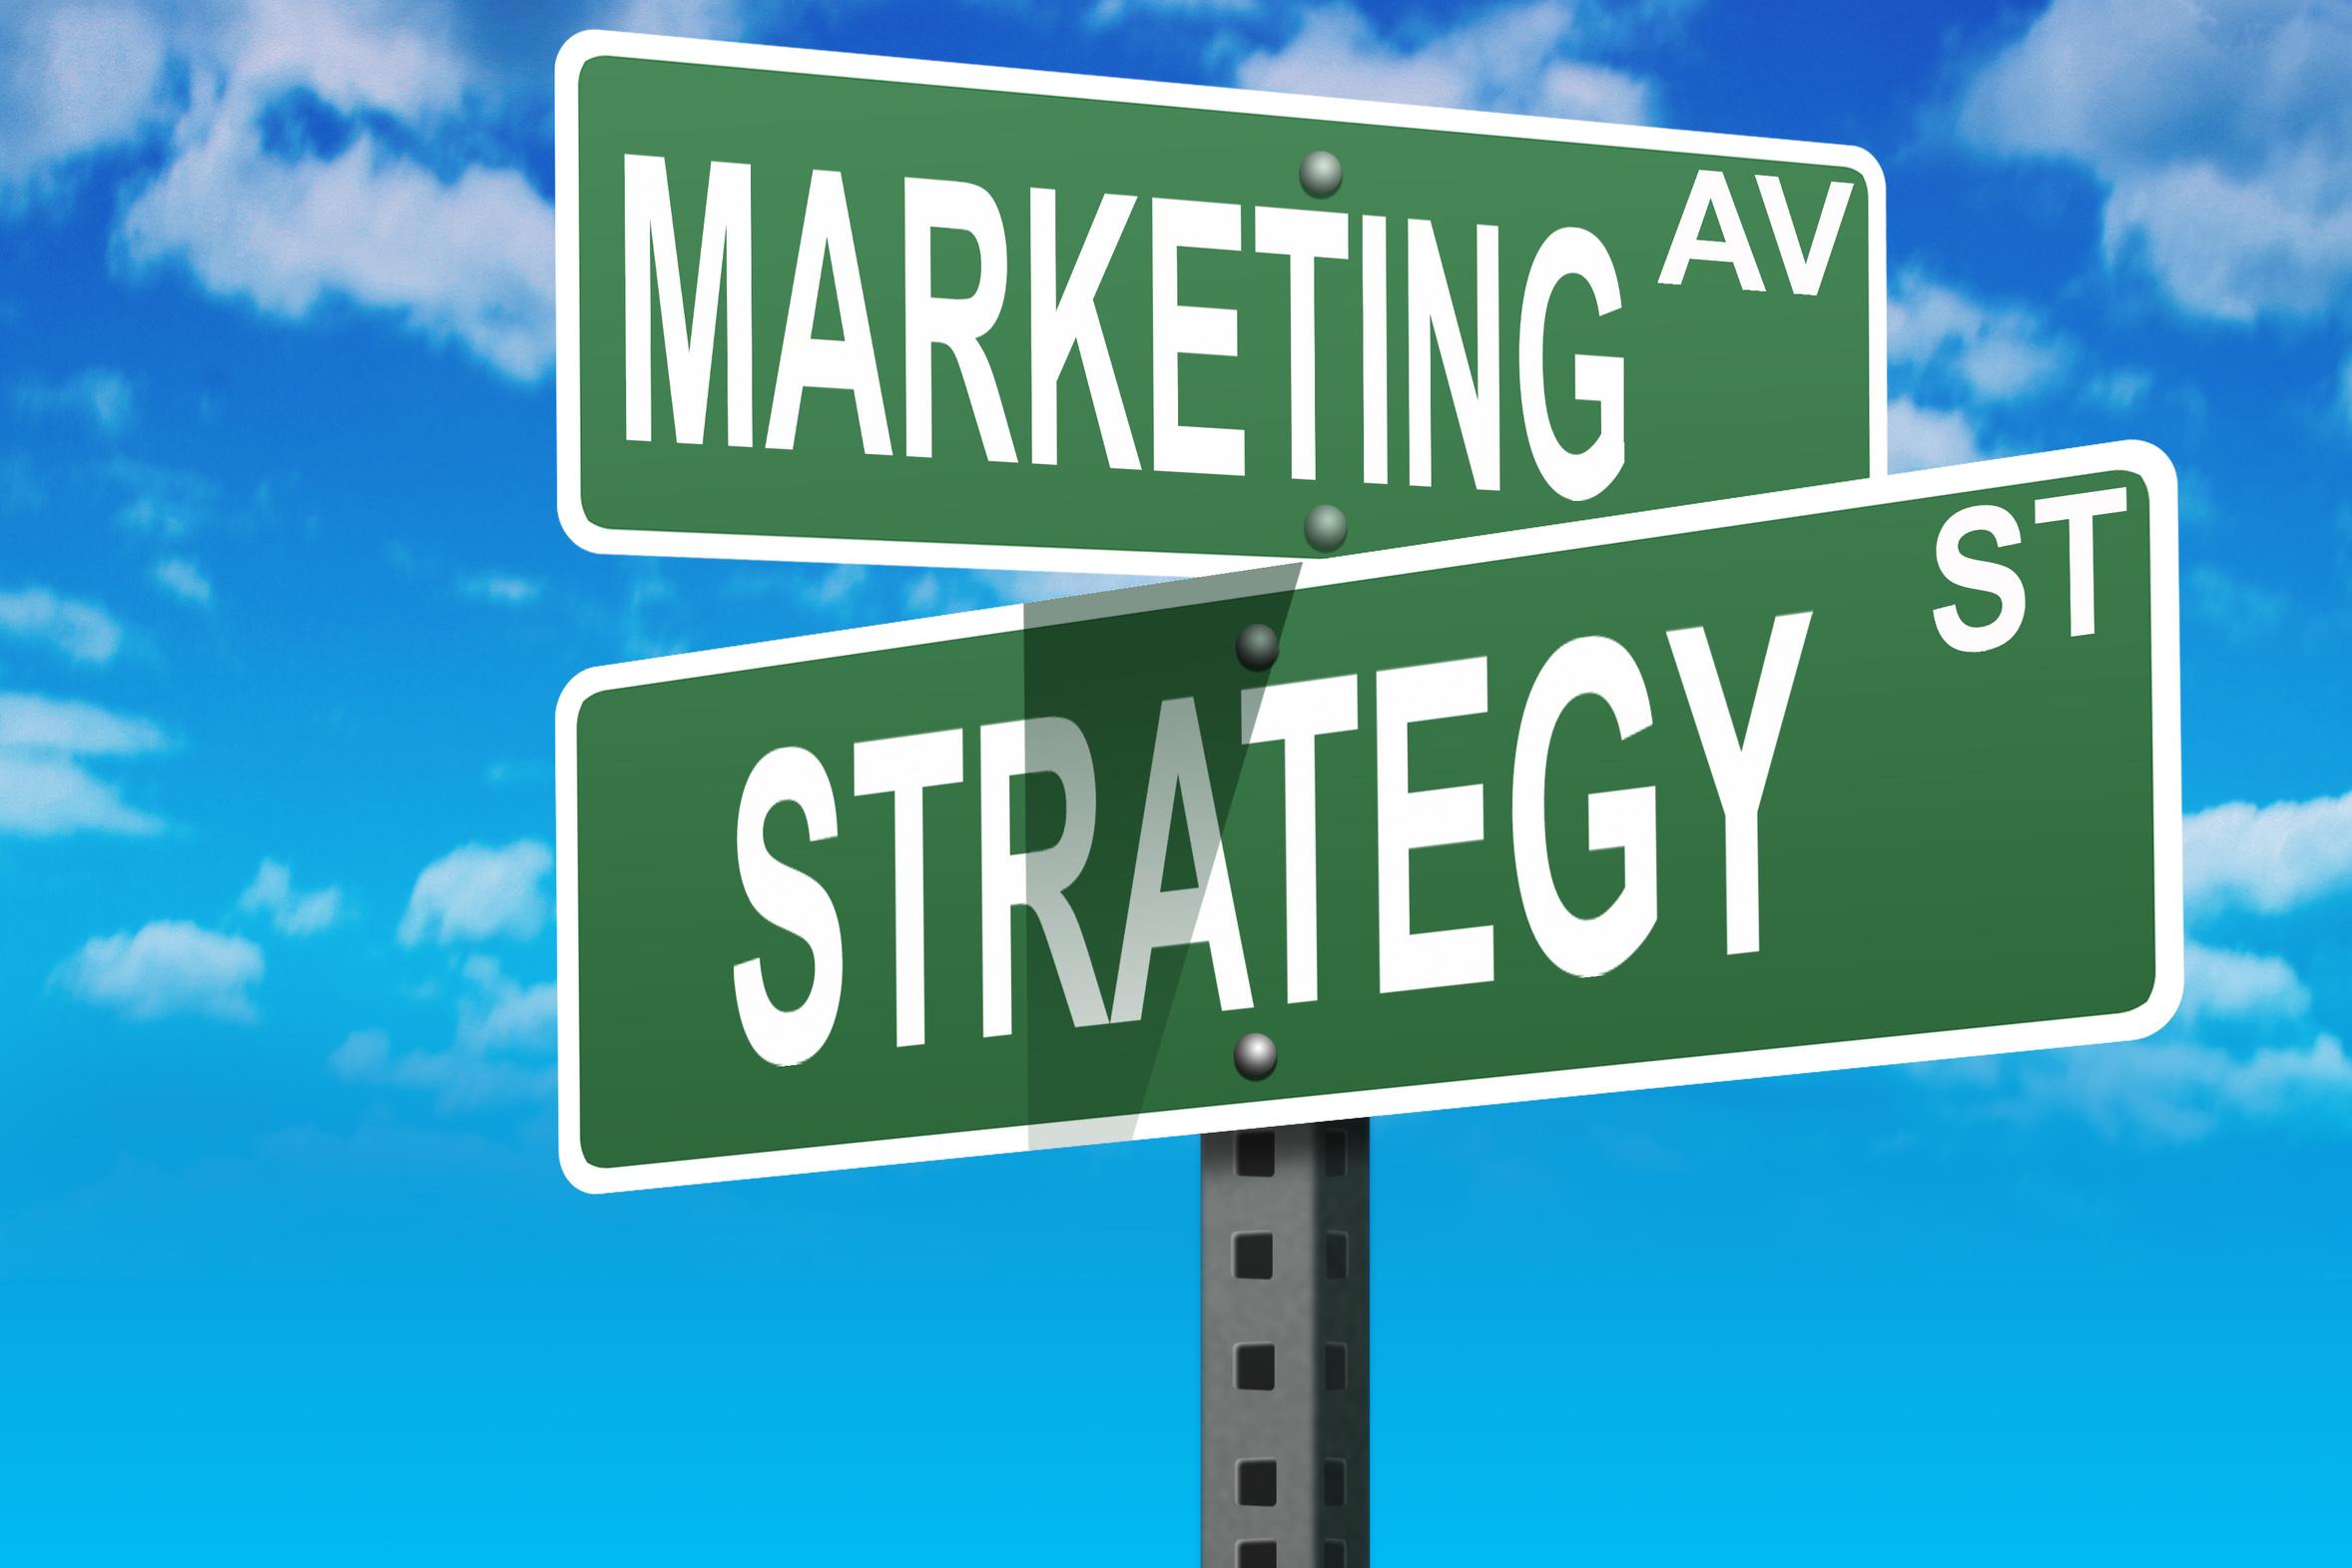 【運動指導者向け】お客様に選ばれる運動指導者になるために、知っておきたいマーケティングの基礎知識とwebの活用方法